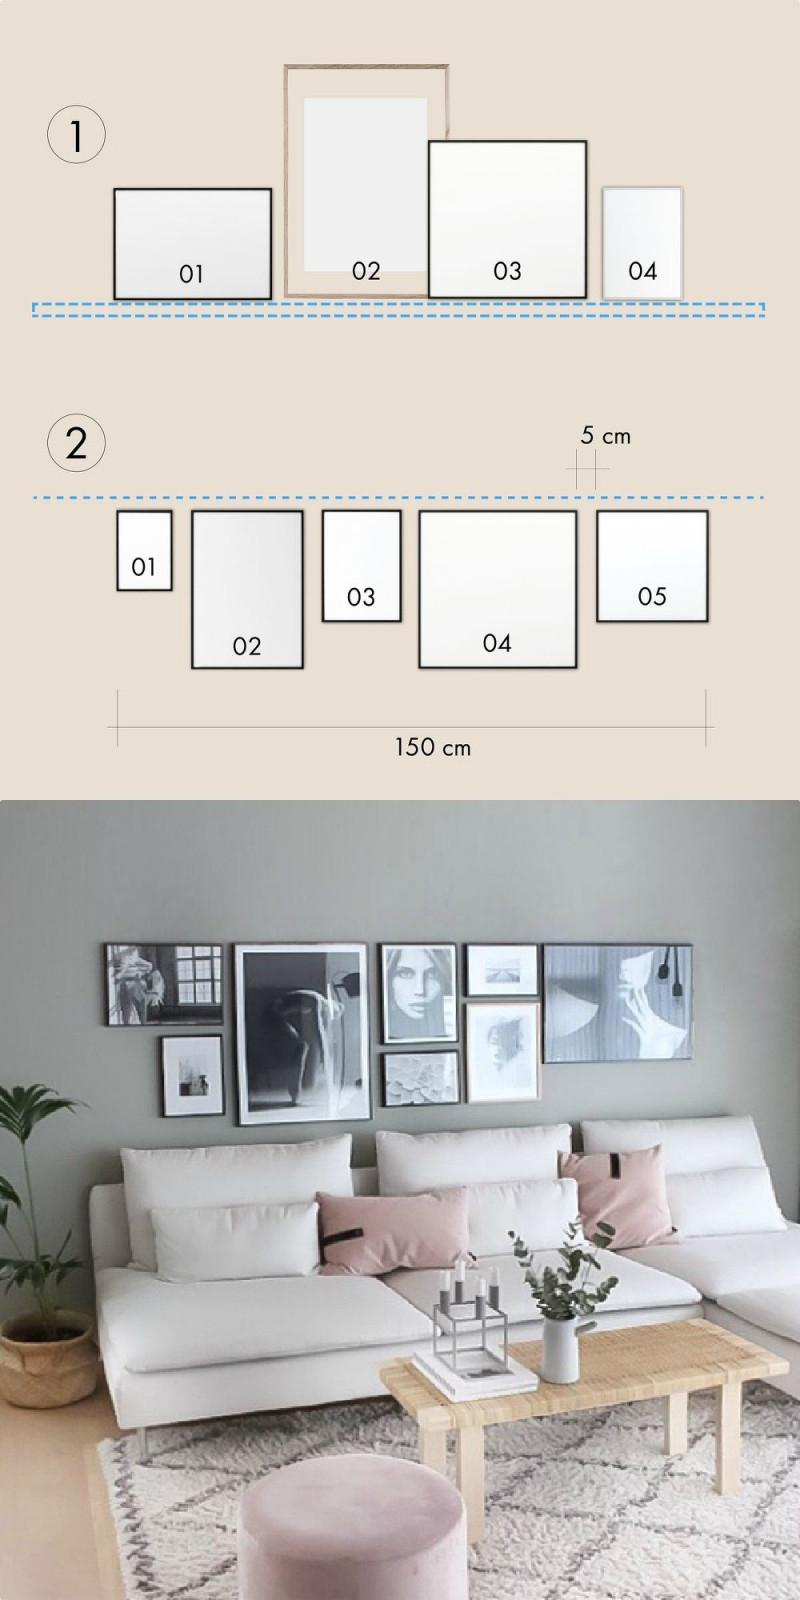 Bilder Aufhängen So Geht's Richtig  Connox Magazine von Bilder Zum Aufhängen Im Wohnzimmer Bild